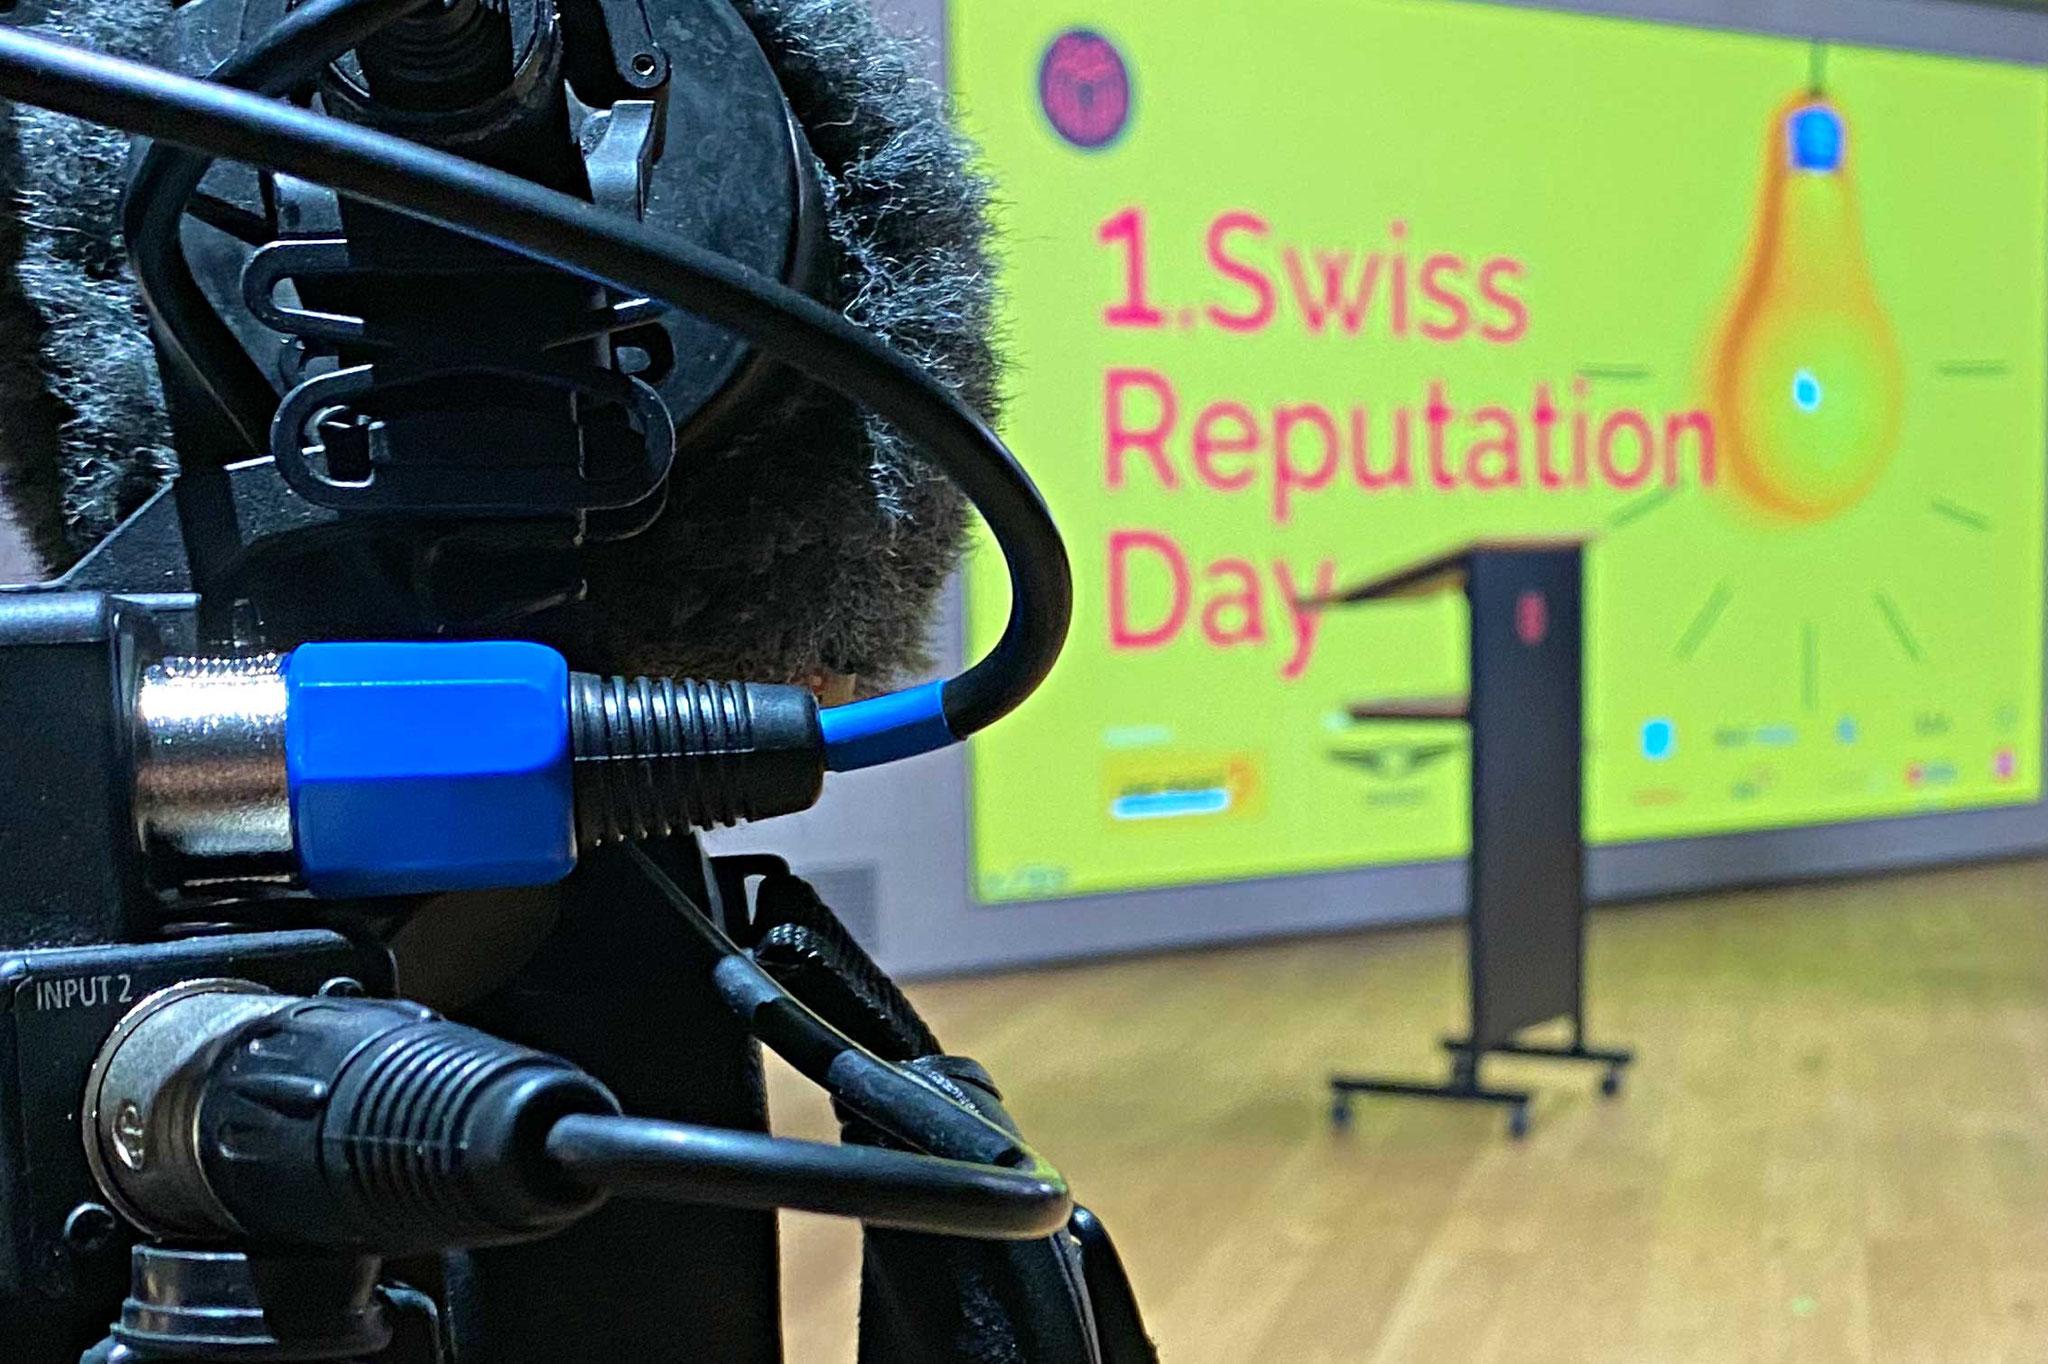 Bereit für den 1. Swiss Reputation Day als Live-Stream